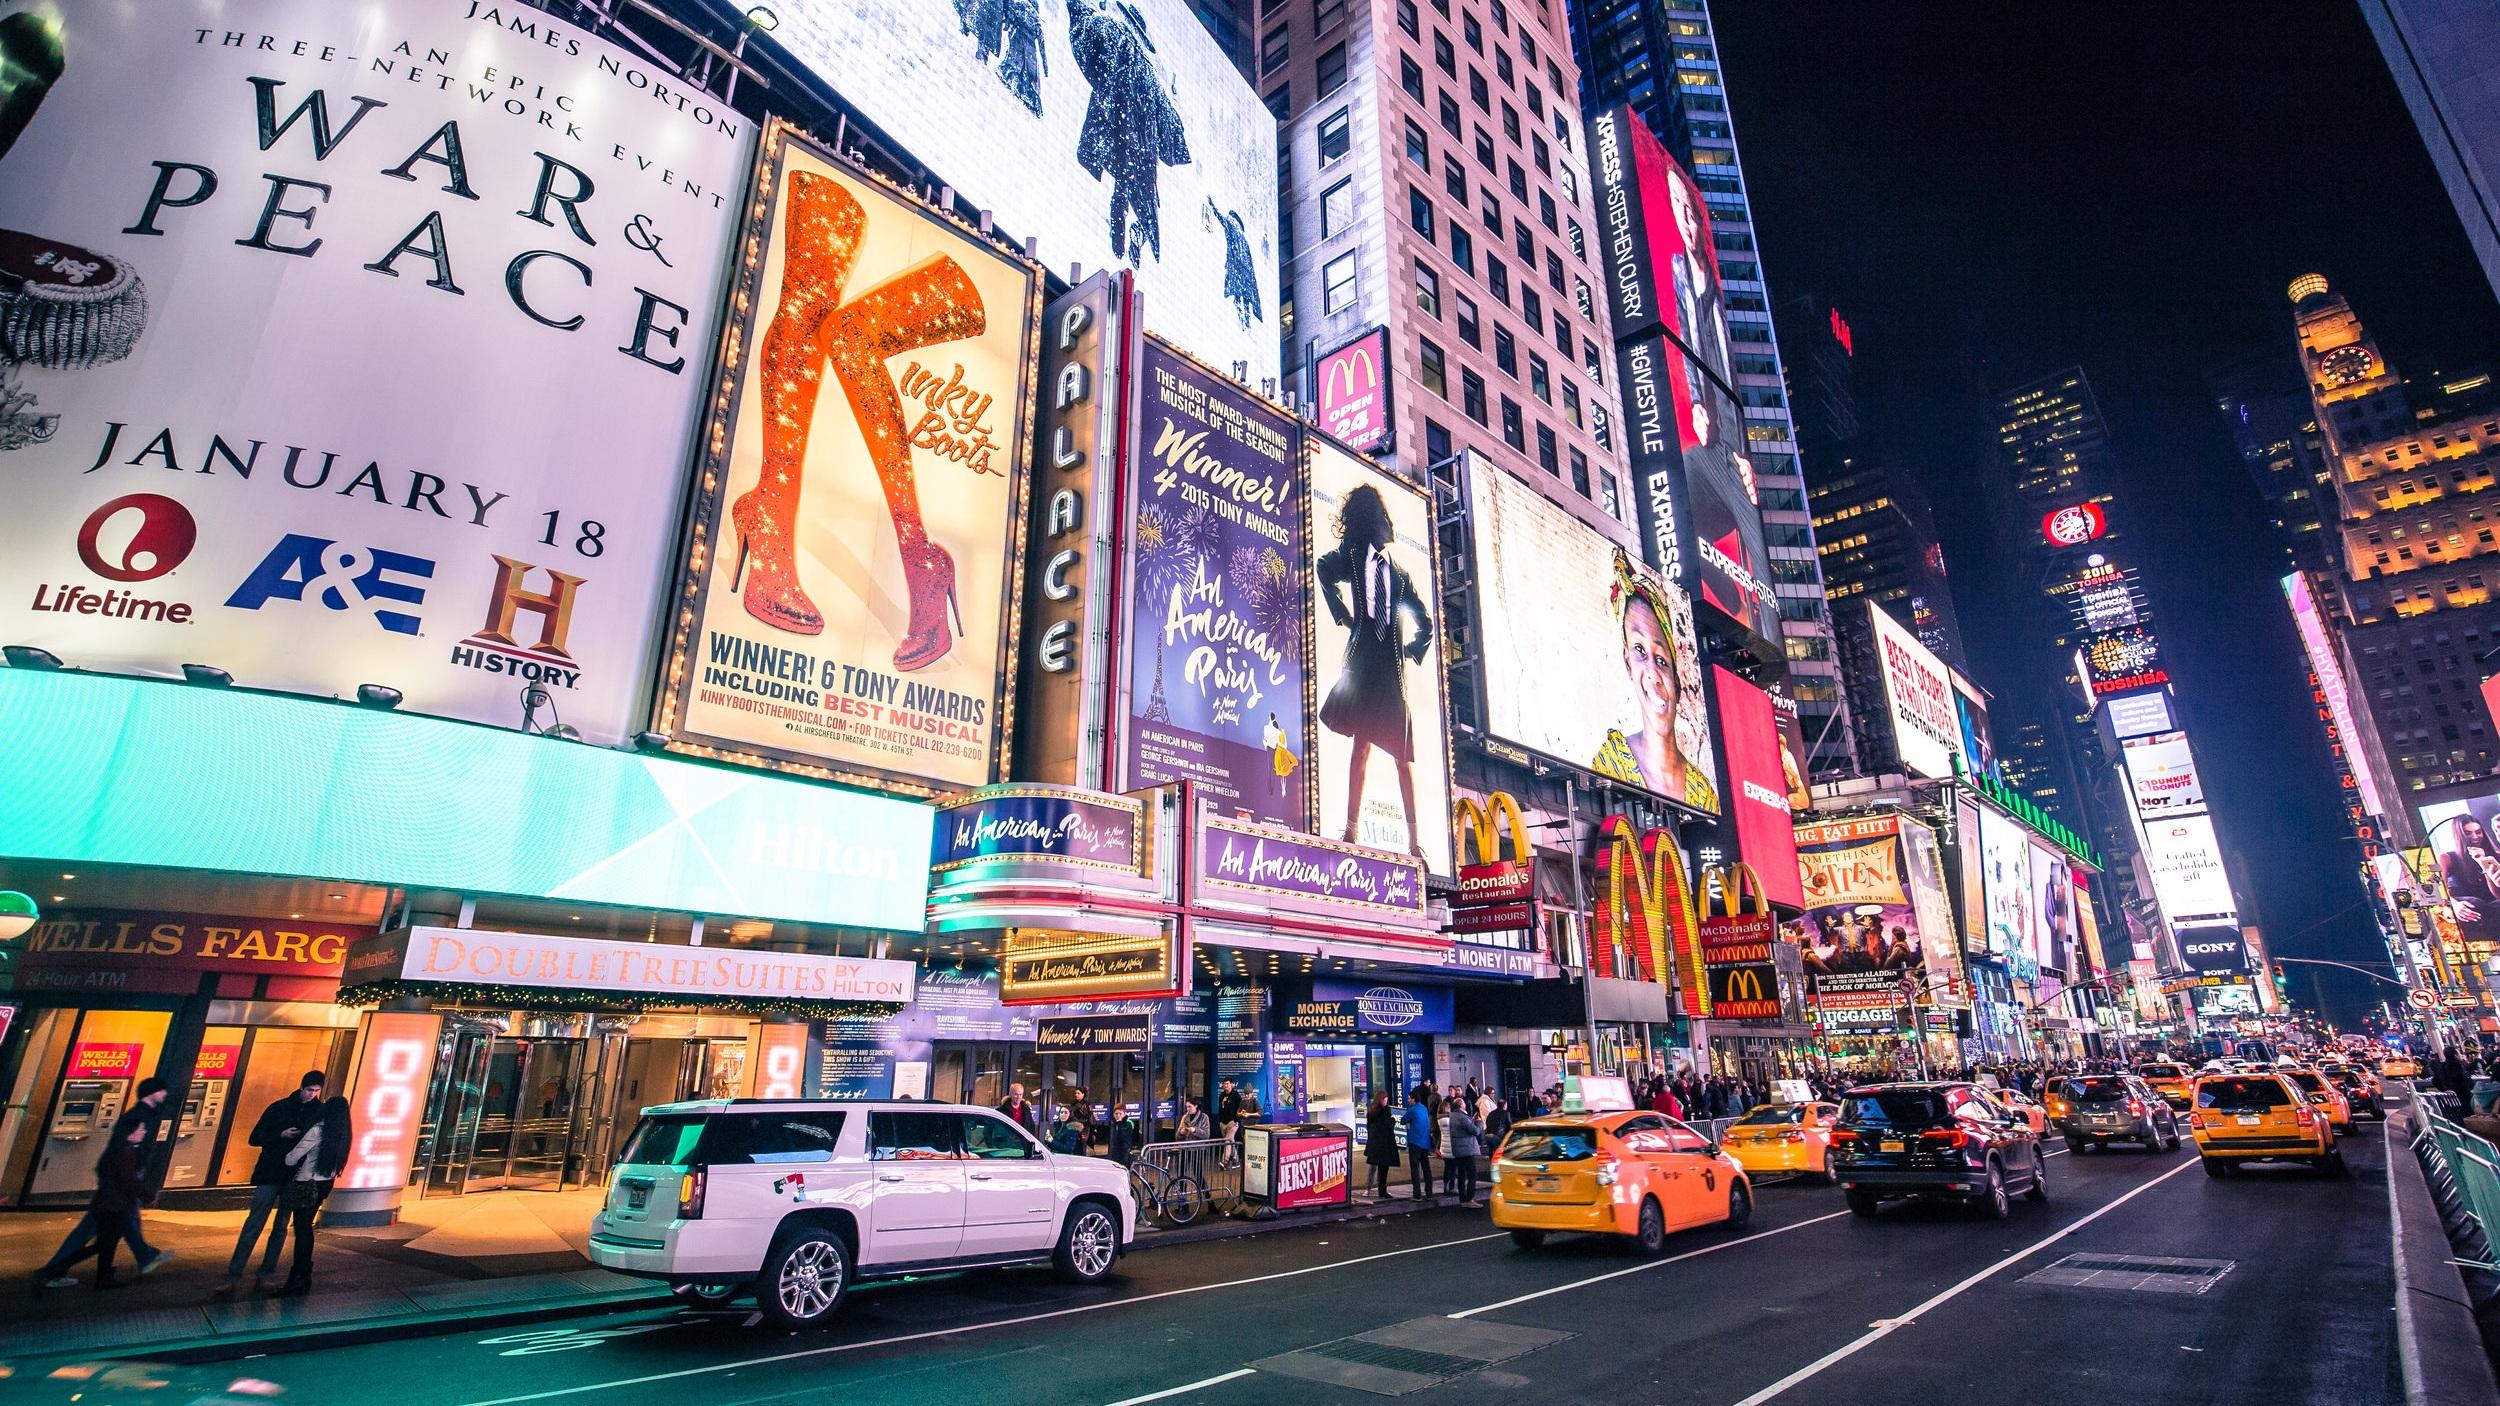 DAG 3 - Broadwaymusikal. I resans pris ingår en valfri föreställning på Broadway (Observera att detta lätt kan bytas mot en NHL eller NBA-match om så önskas). Vi behöver veta cirka 30 dagar före avresa vilken förställning som önskas. Observera att föreställningen inte nödvändigtvis behöver vara på dag 3 - du väljer.